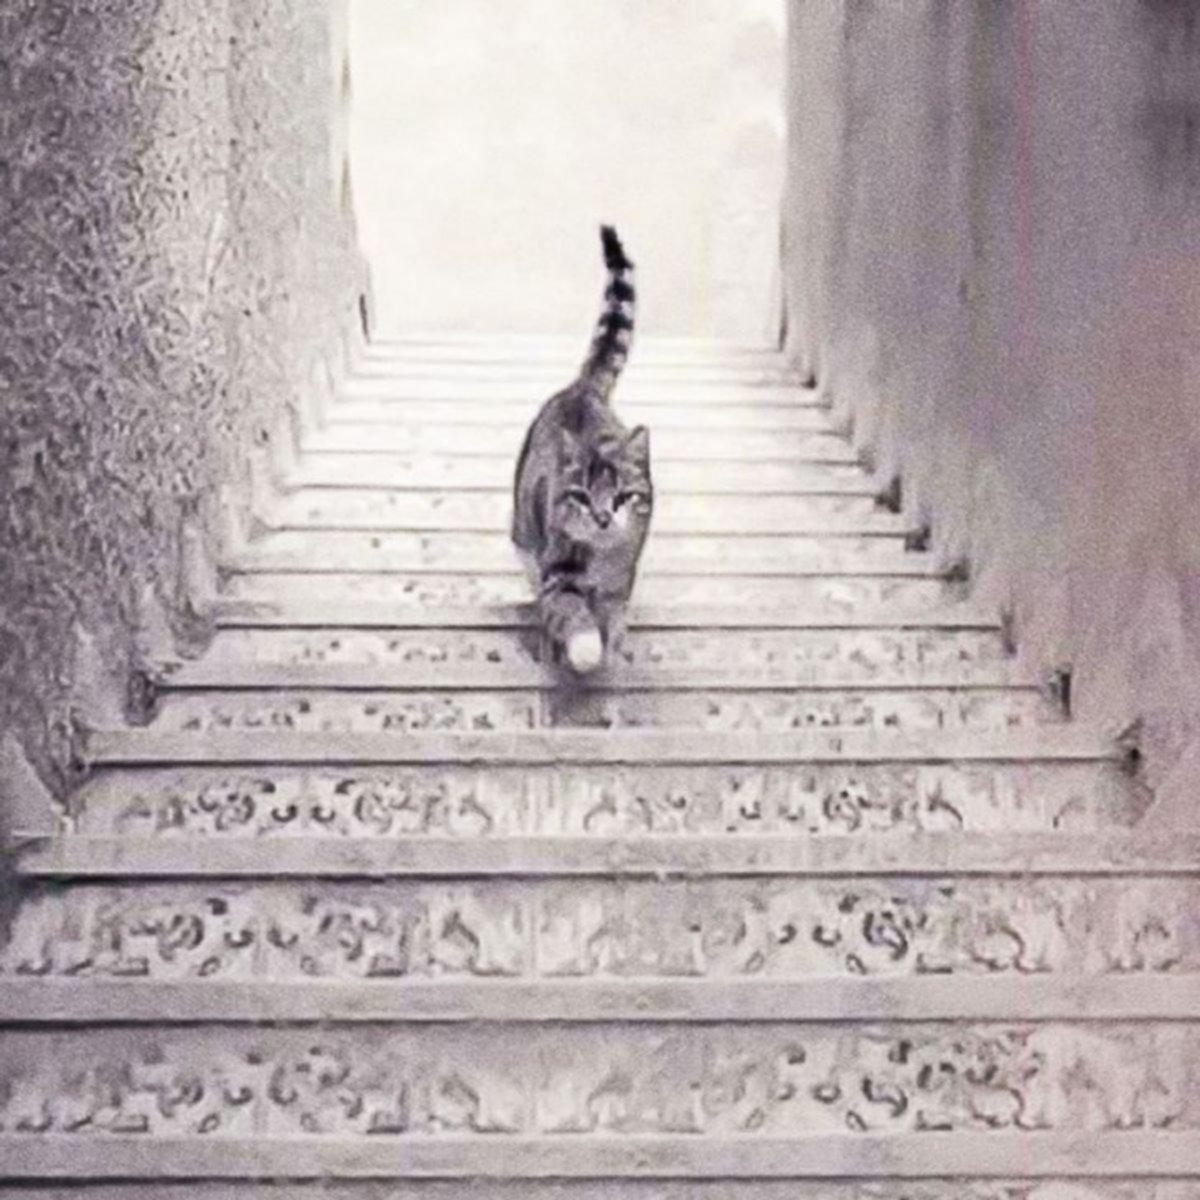 ¿El gato sube o baja la escalera?: qué hay detrás del reto viral que revela tu personalidad